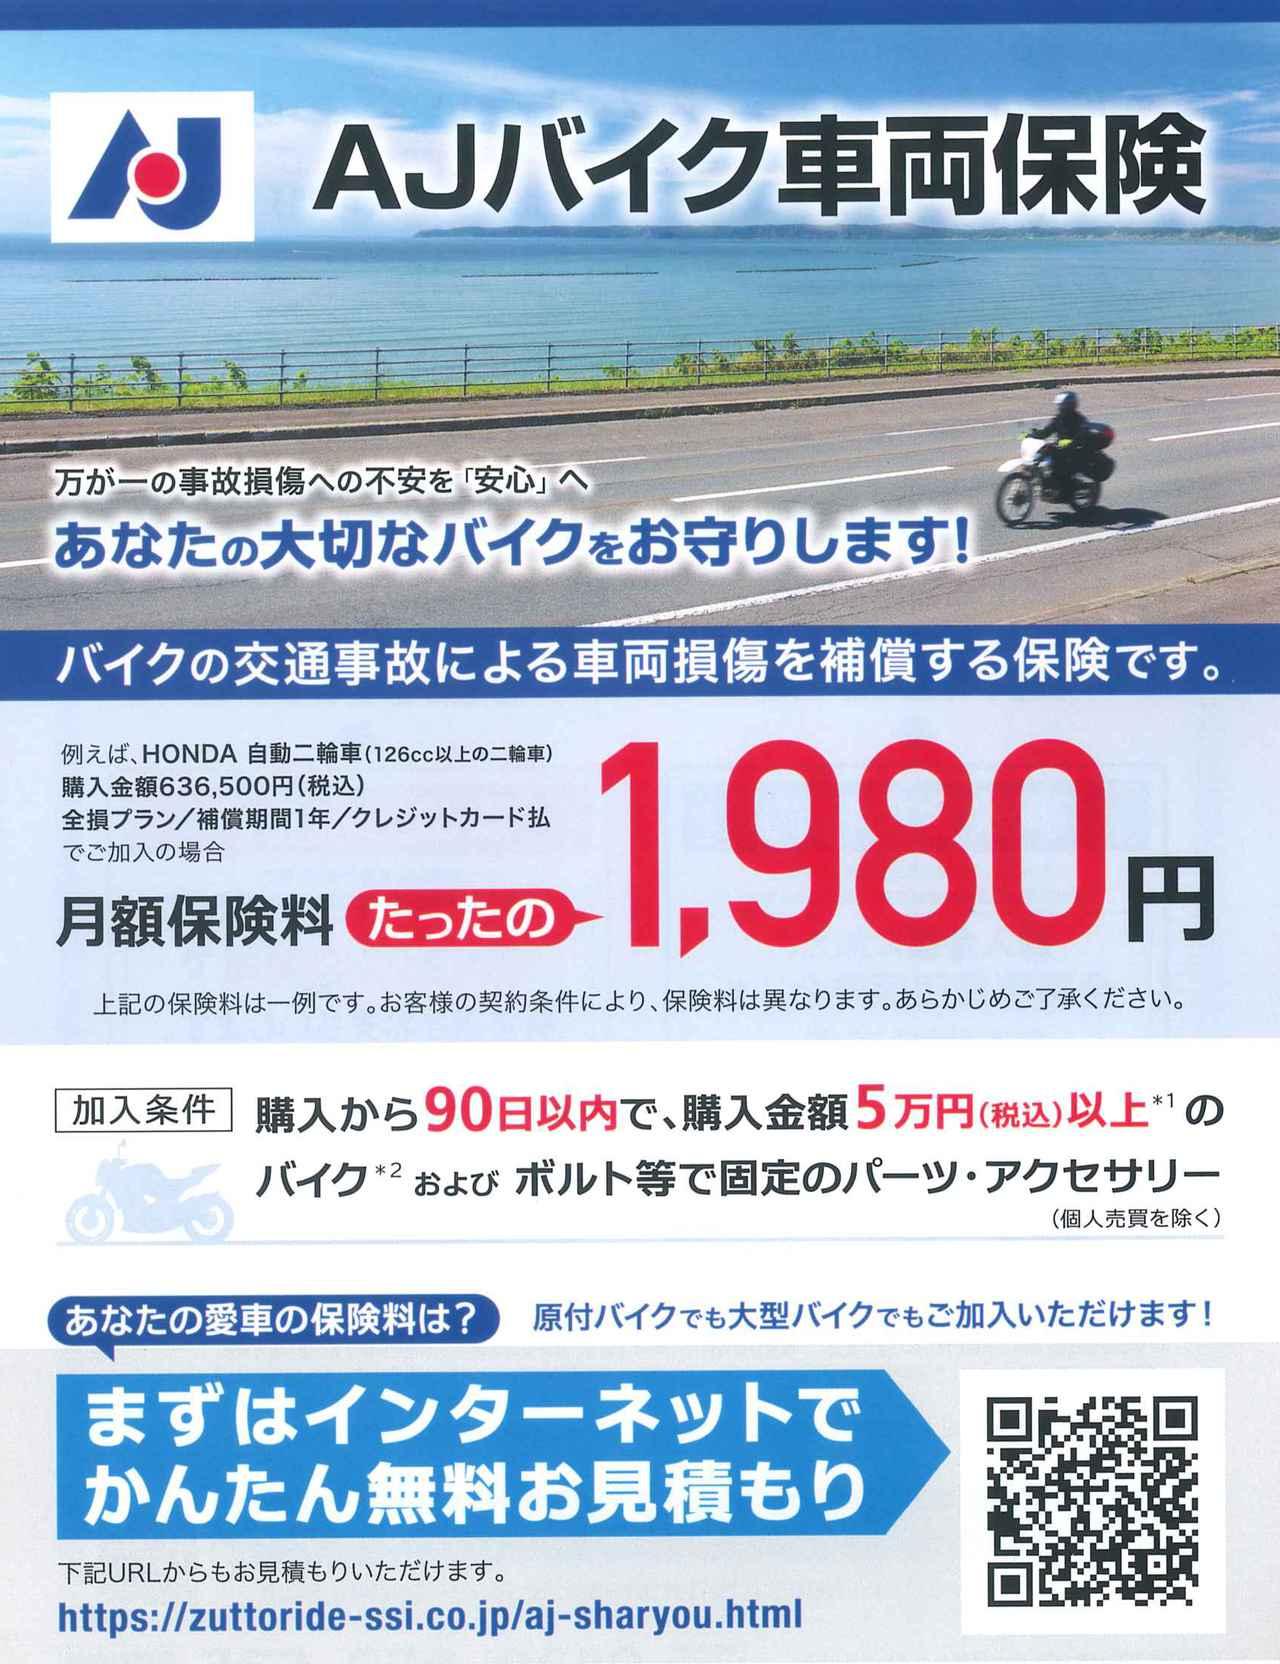 画像: AJバイク車両保険を発売 細かいプラン設定が可能/ZuttoRide